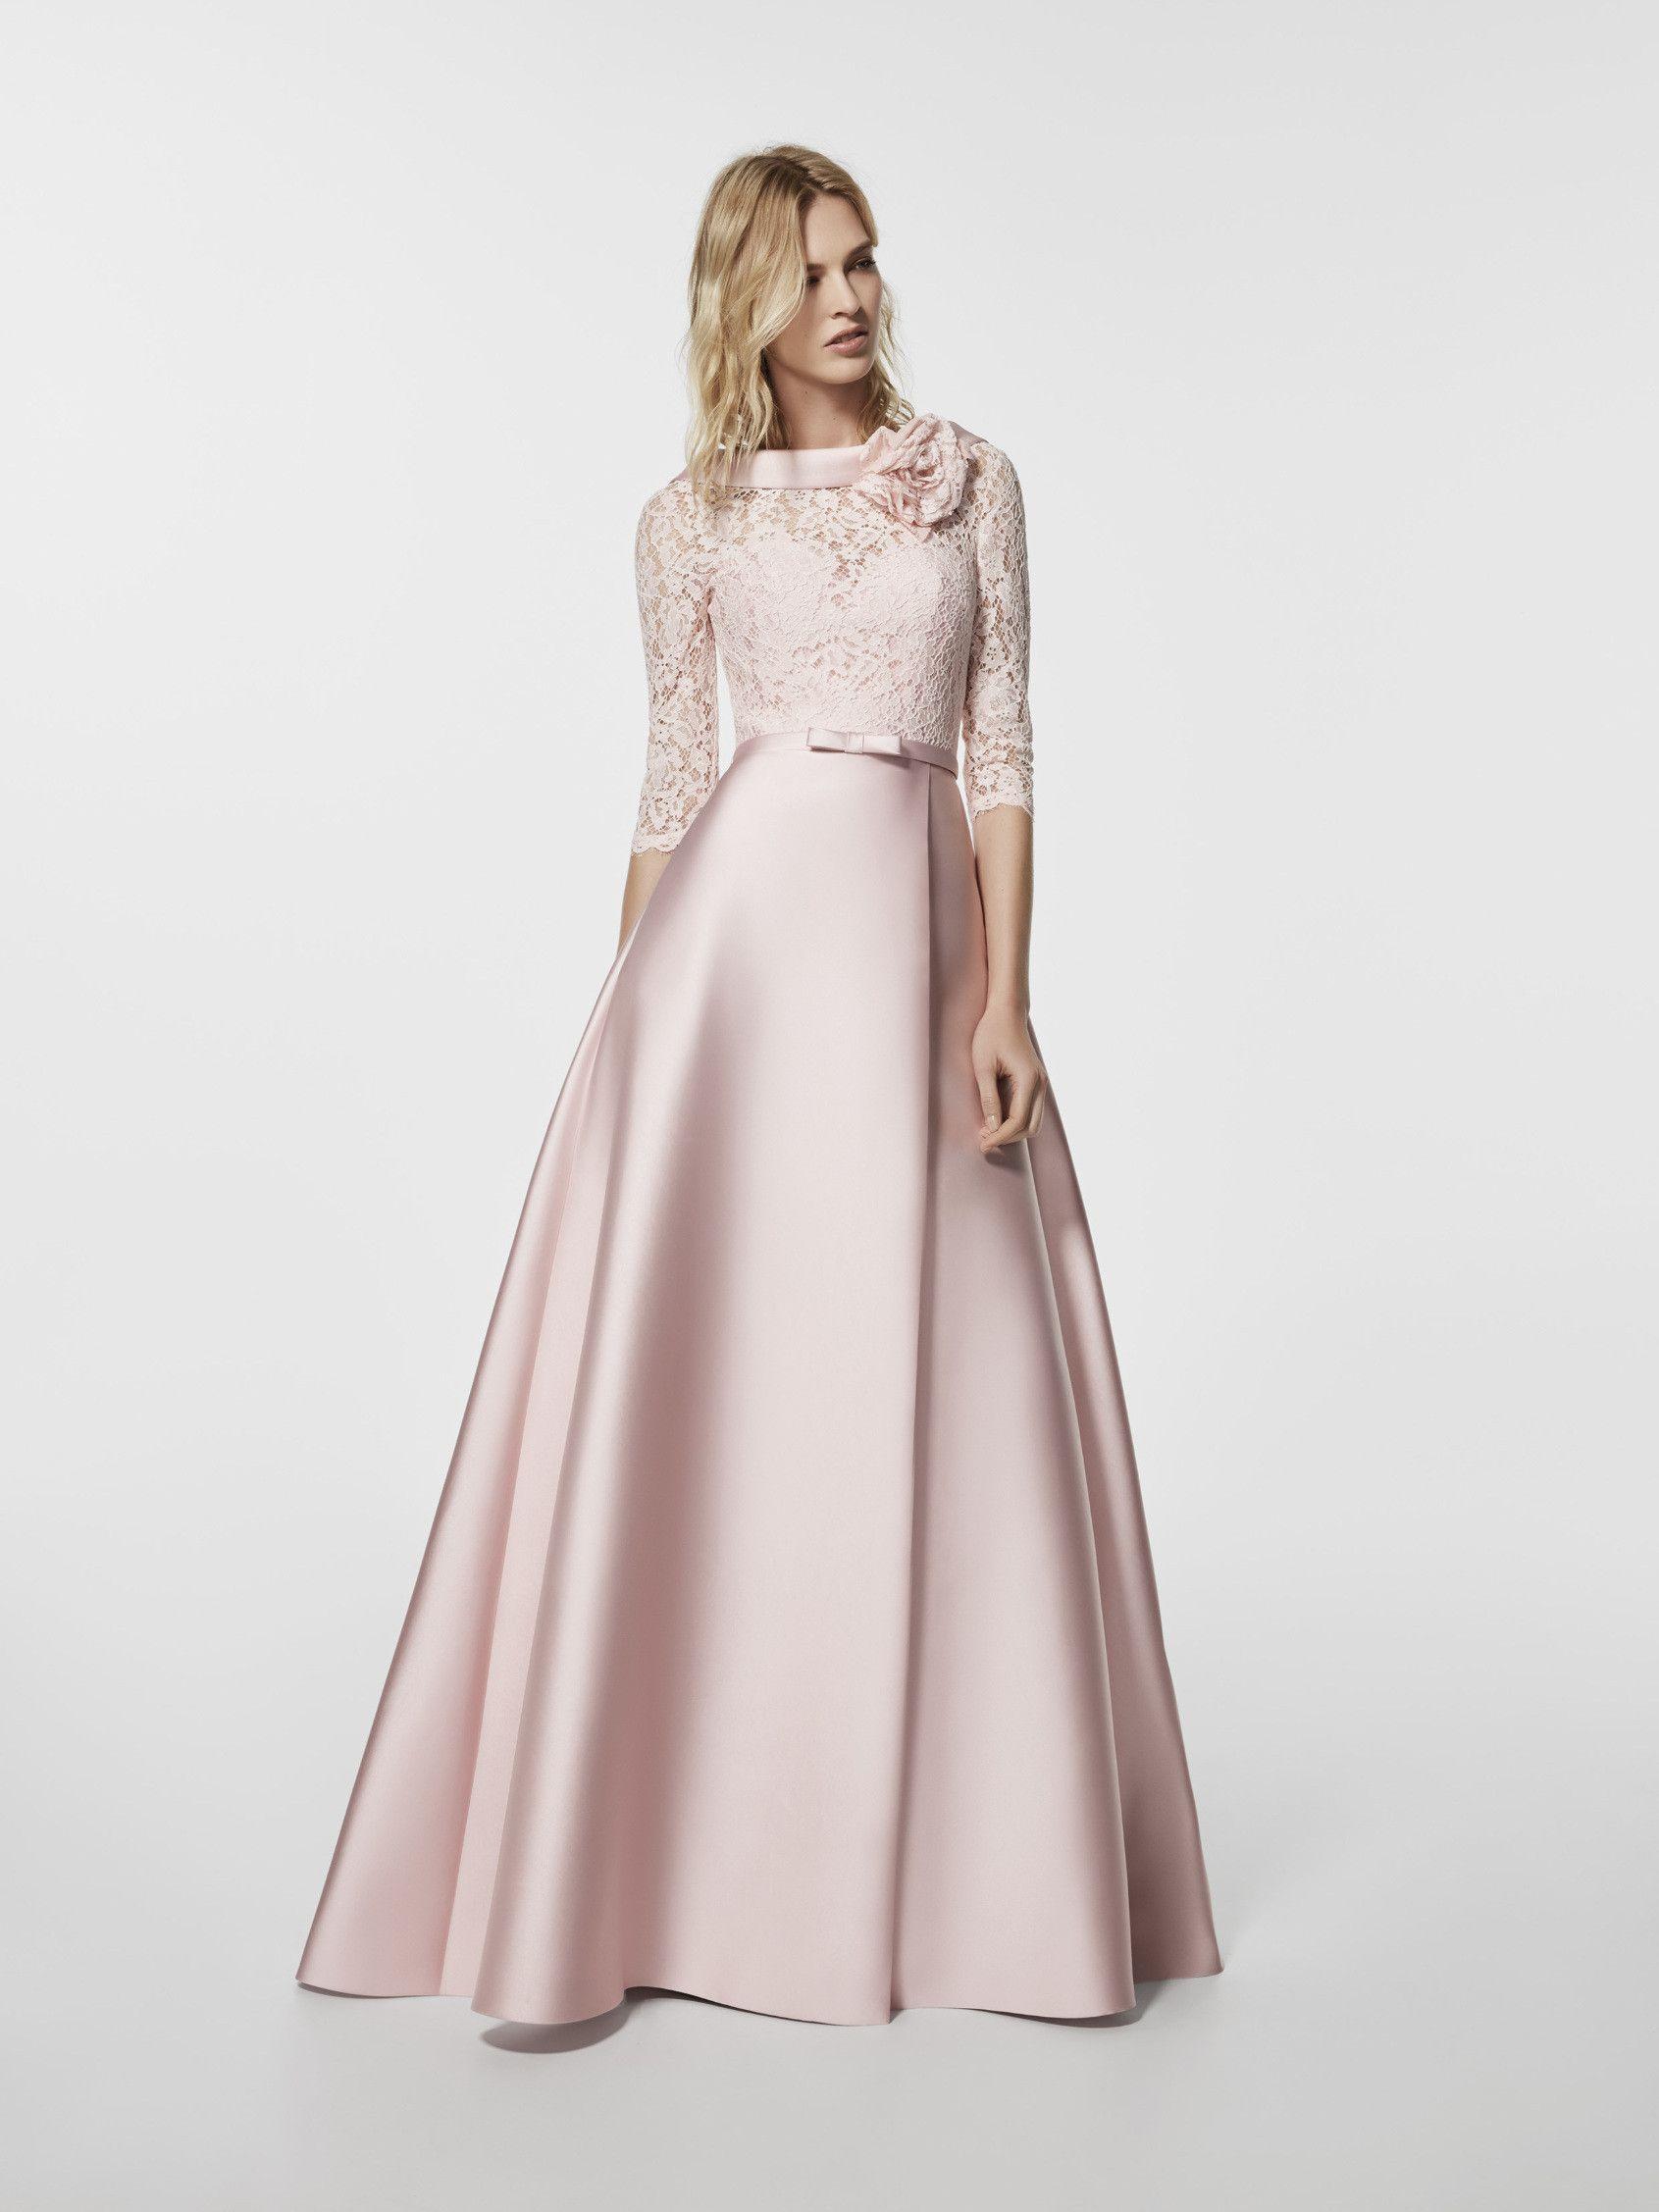 Auf der Suche nach einem Abendkleid? Langes Kleid in Blassrosa ...